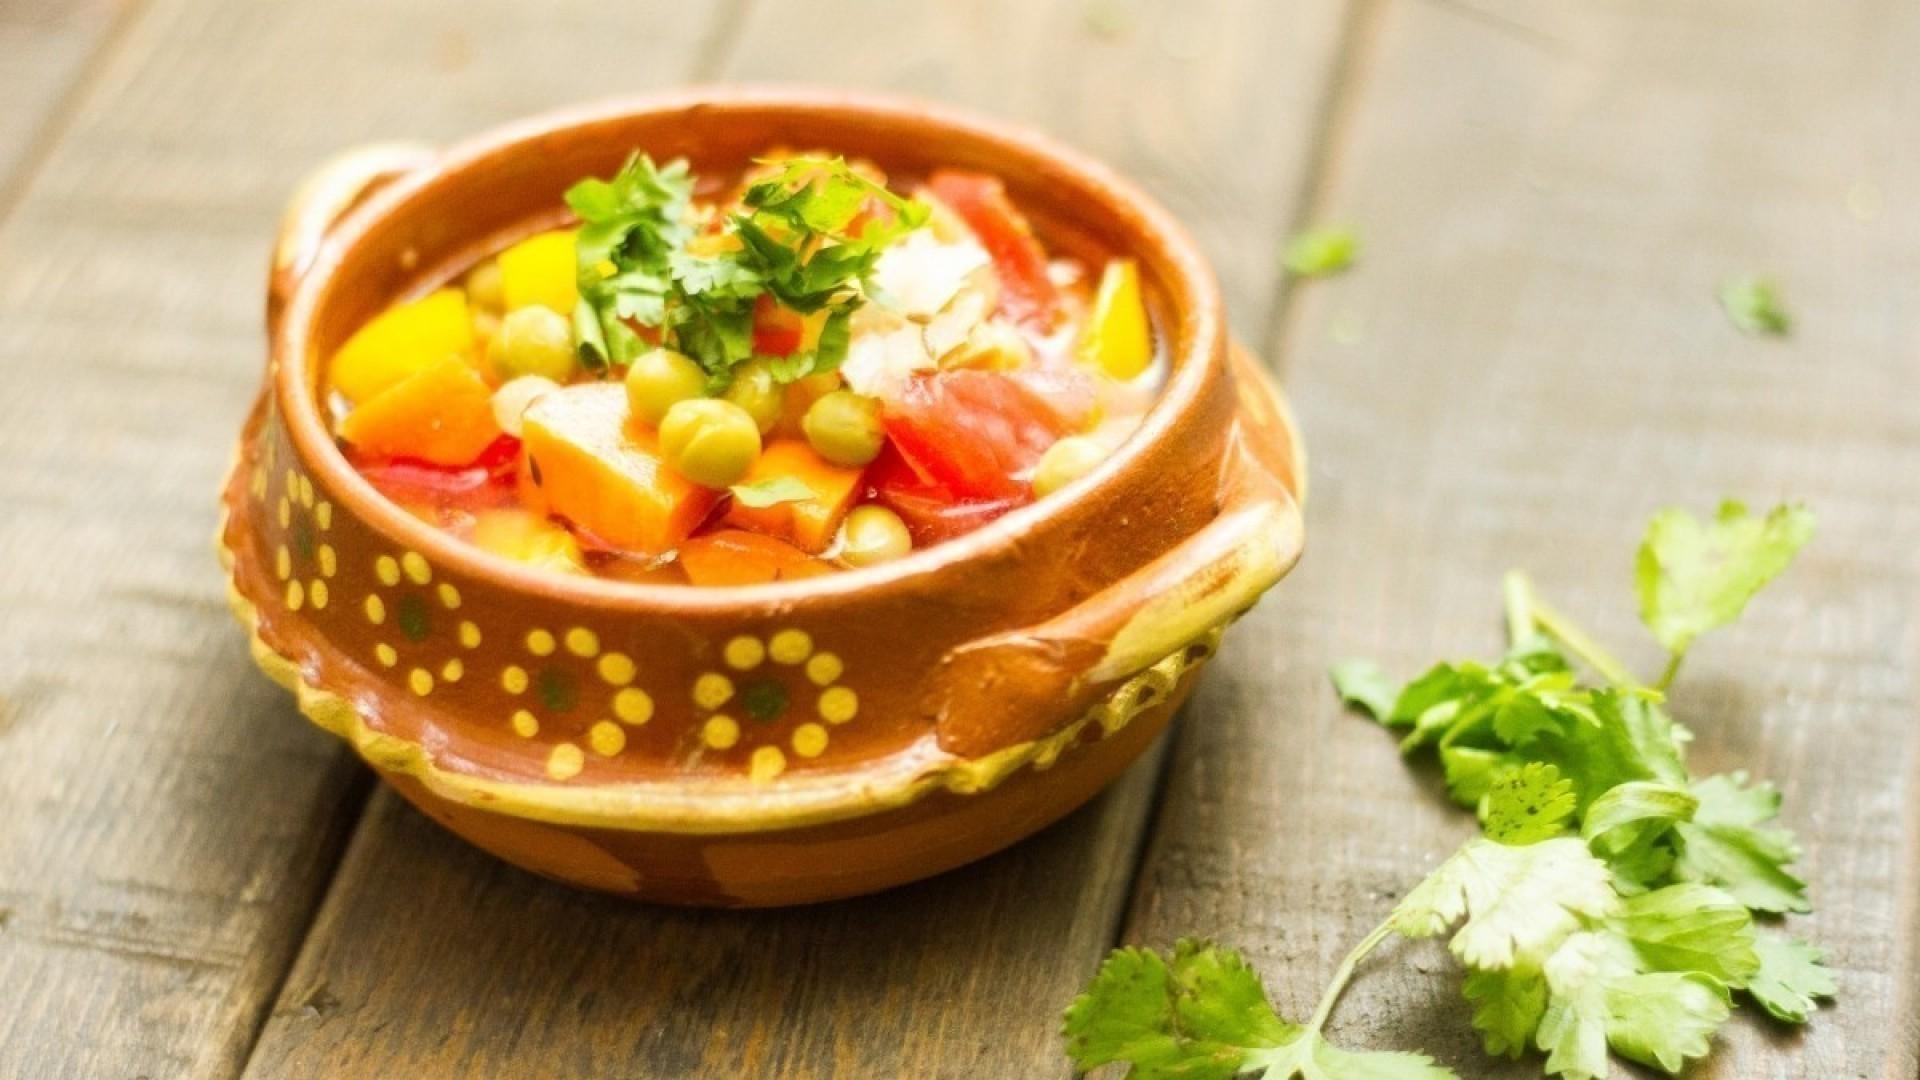 Вегетарианское меню: 5 вкусных рецептов от новосибирских заведений